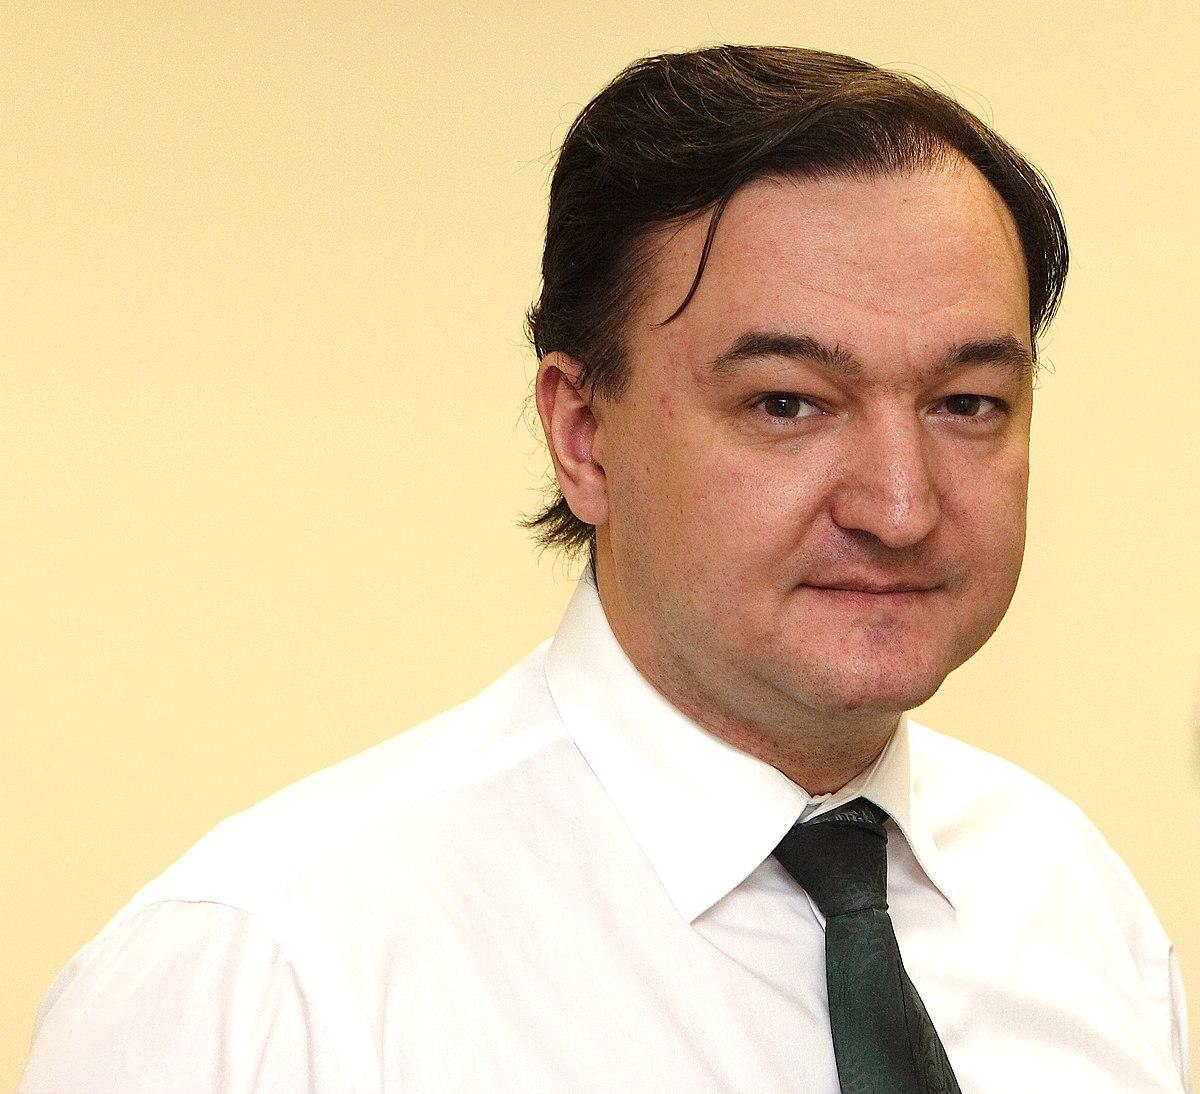 """EU bắt đầu xây dựng phiên bản châu Âu của """"Đạo luật Magnitsky"""", quan chức ĐCSTQ lo sợ bị liệt vào danh sách đen đầu tiên (ảnh 2)"""